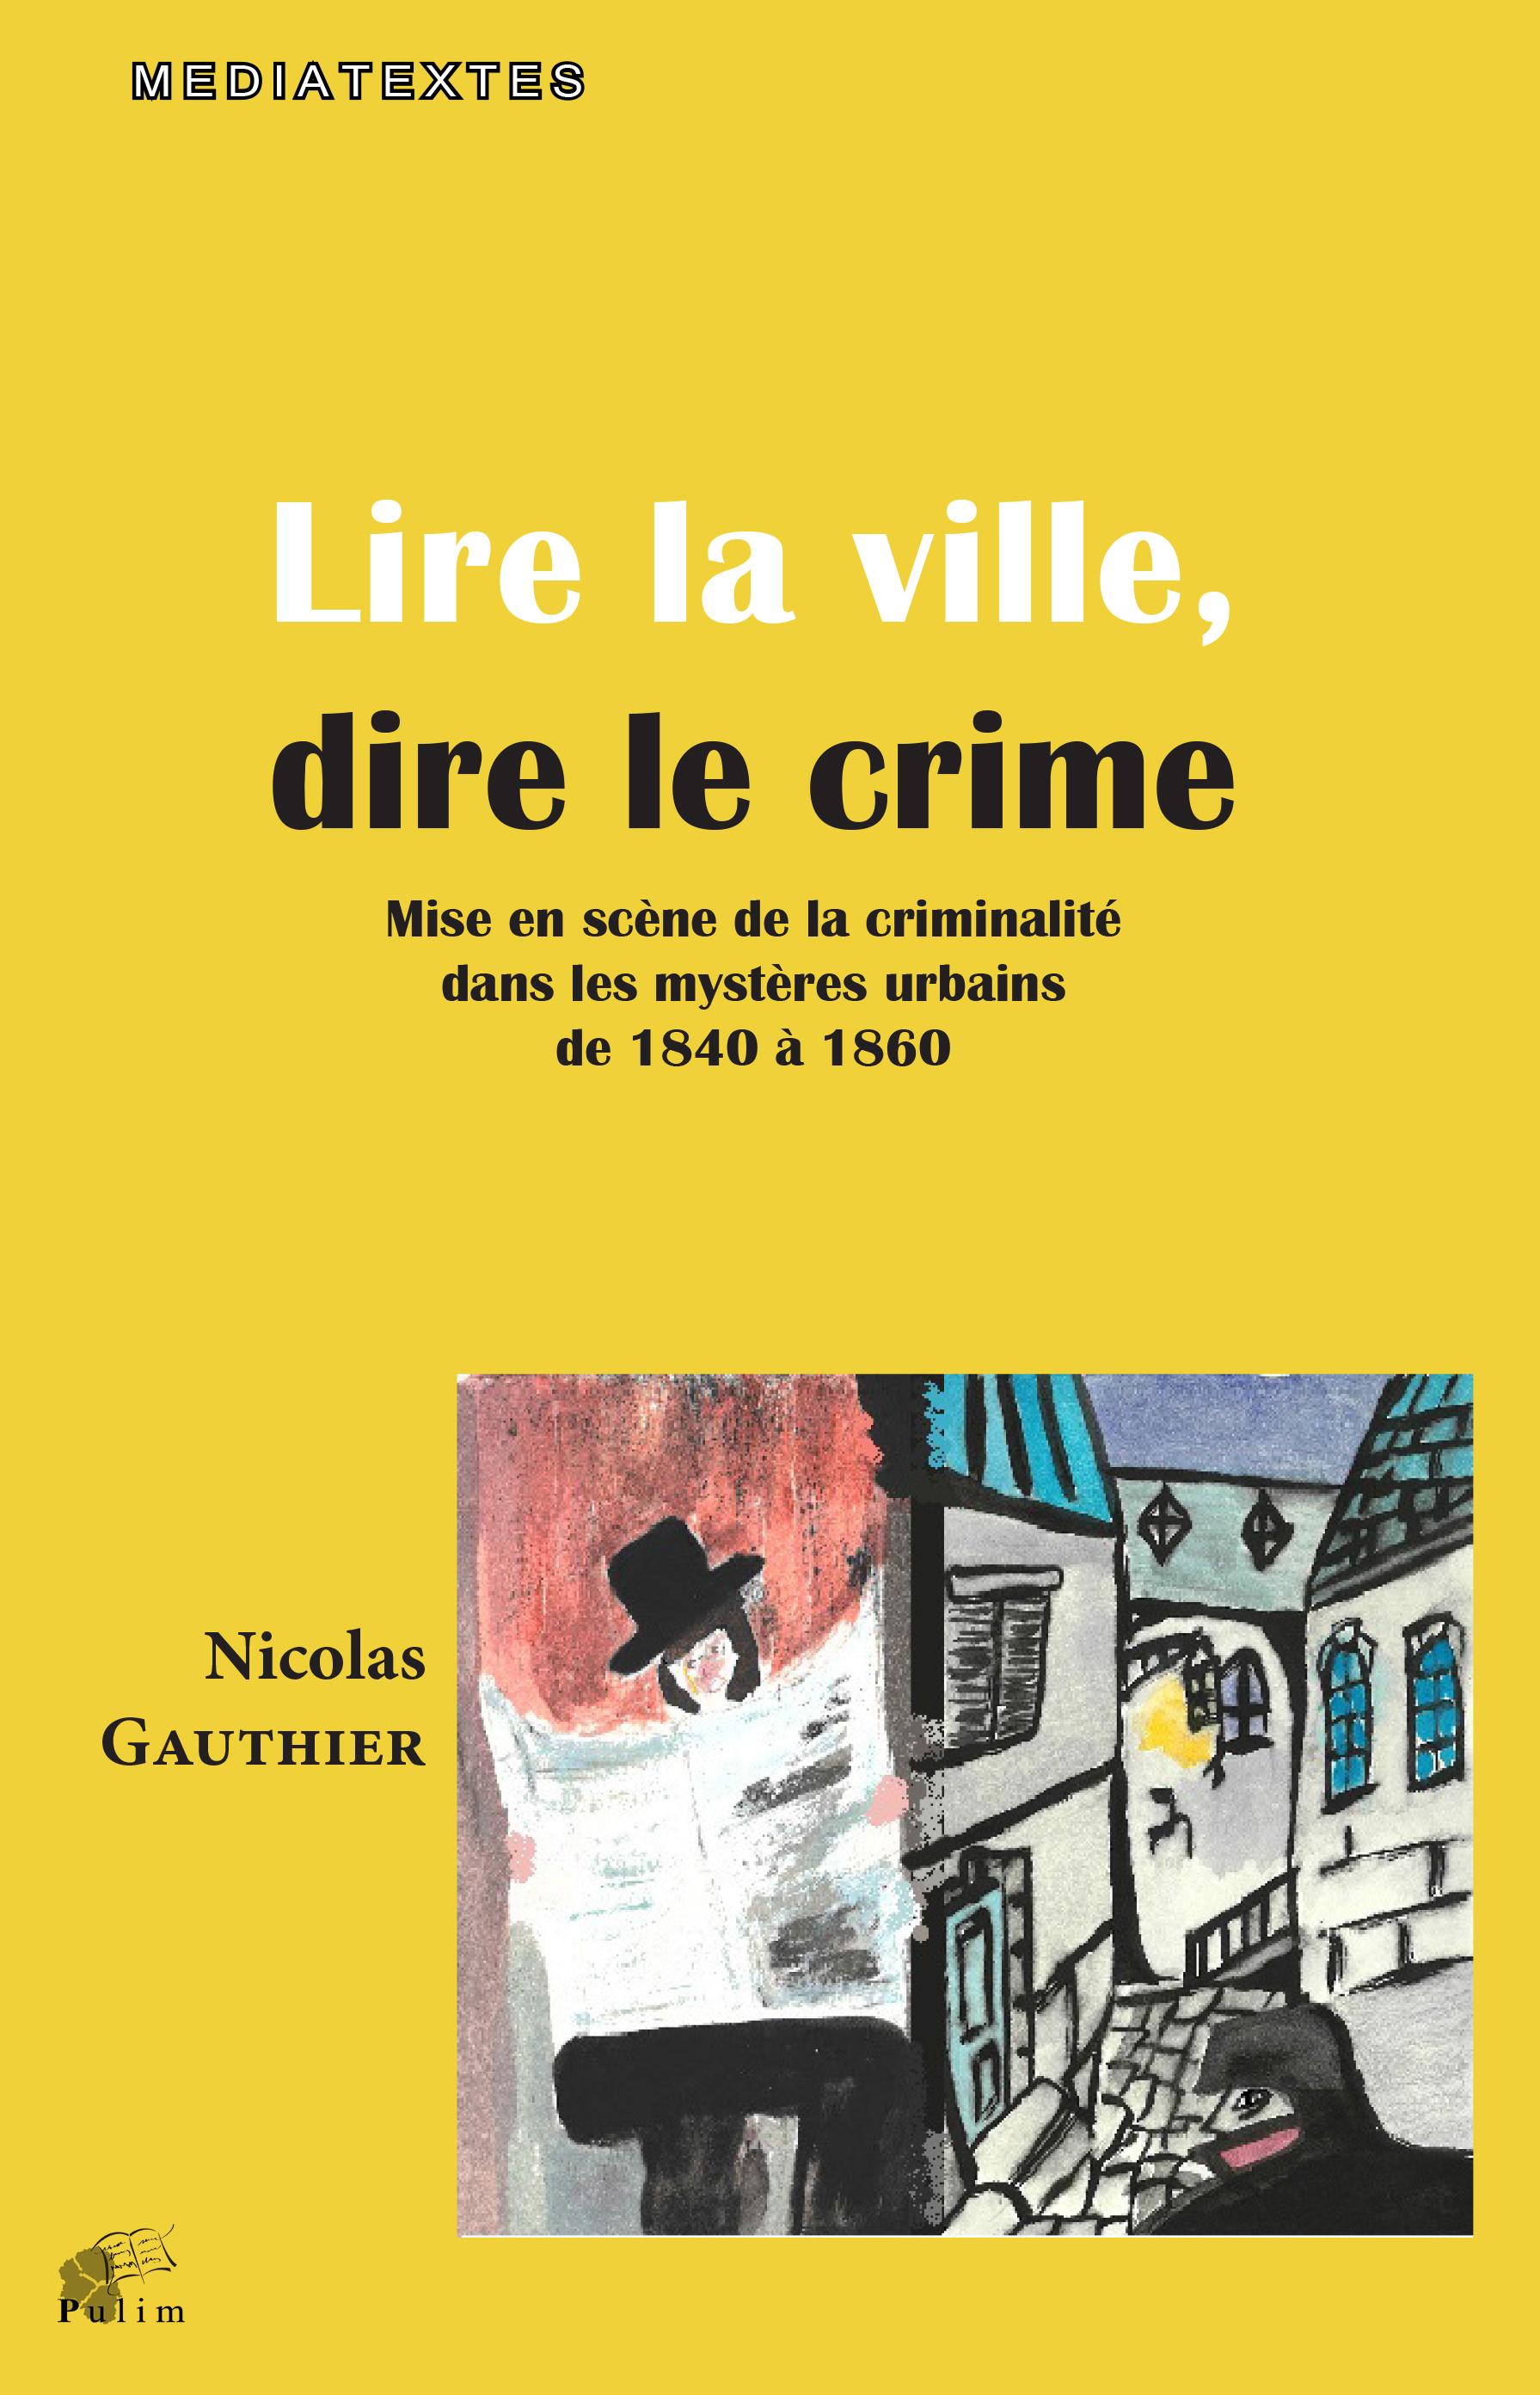 N. Gauthier, Lire la ville, dire le crime - Mise en scène de la criminalité dans les mystères urbains de 1840 à 1860